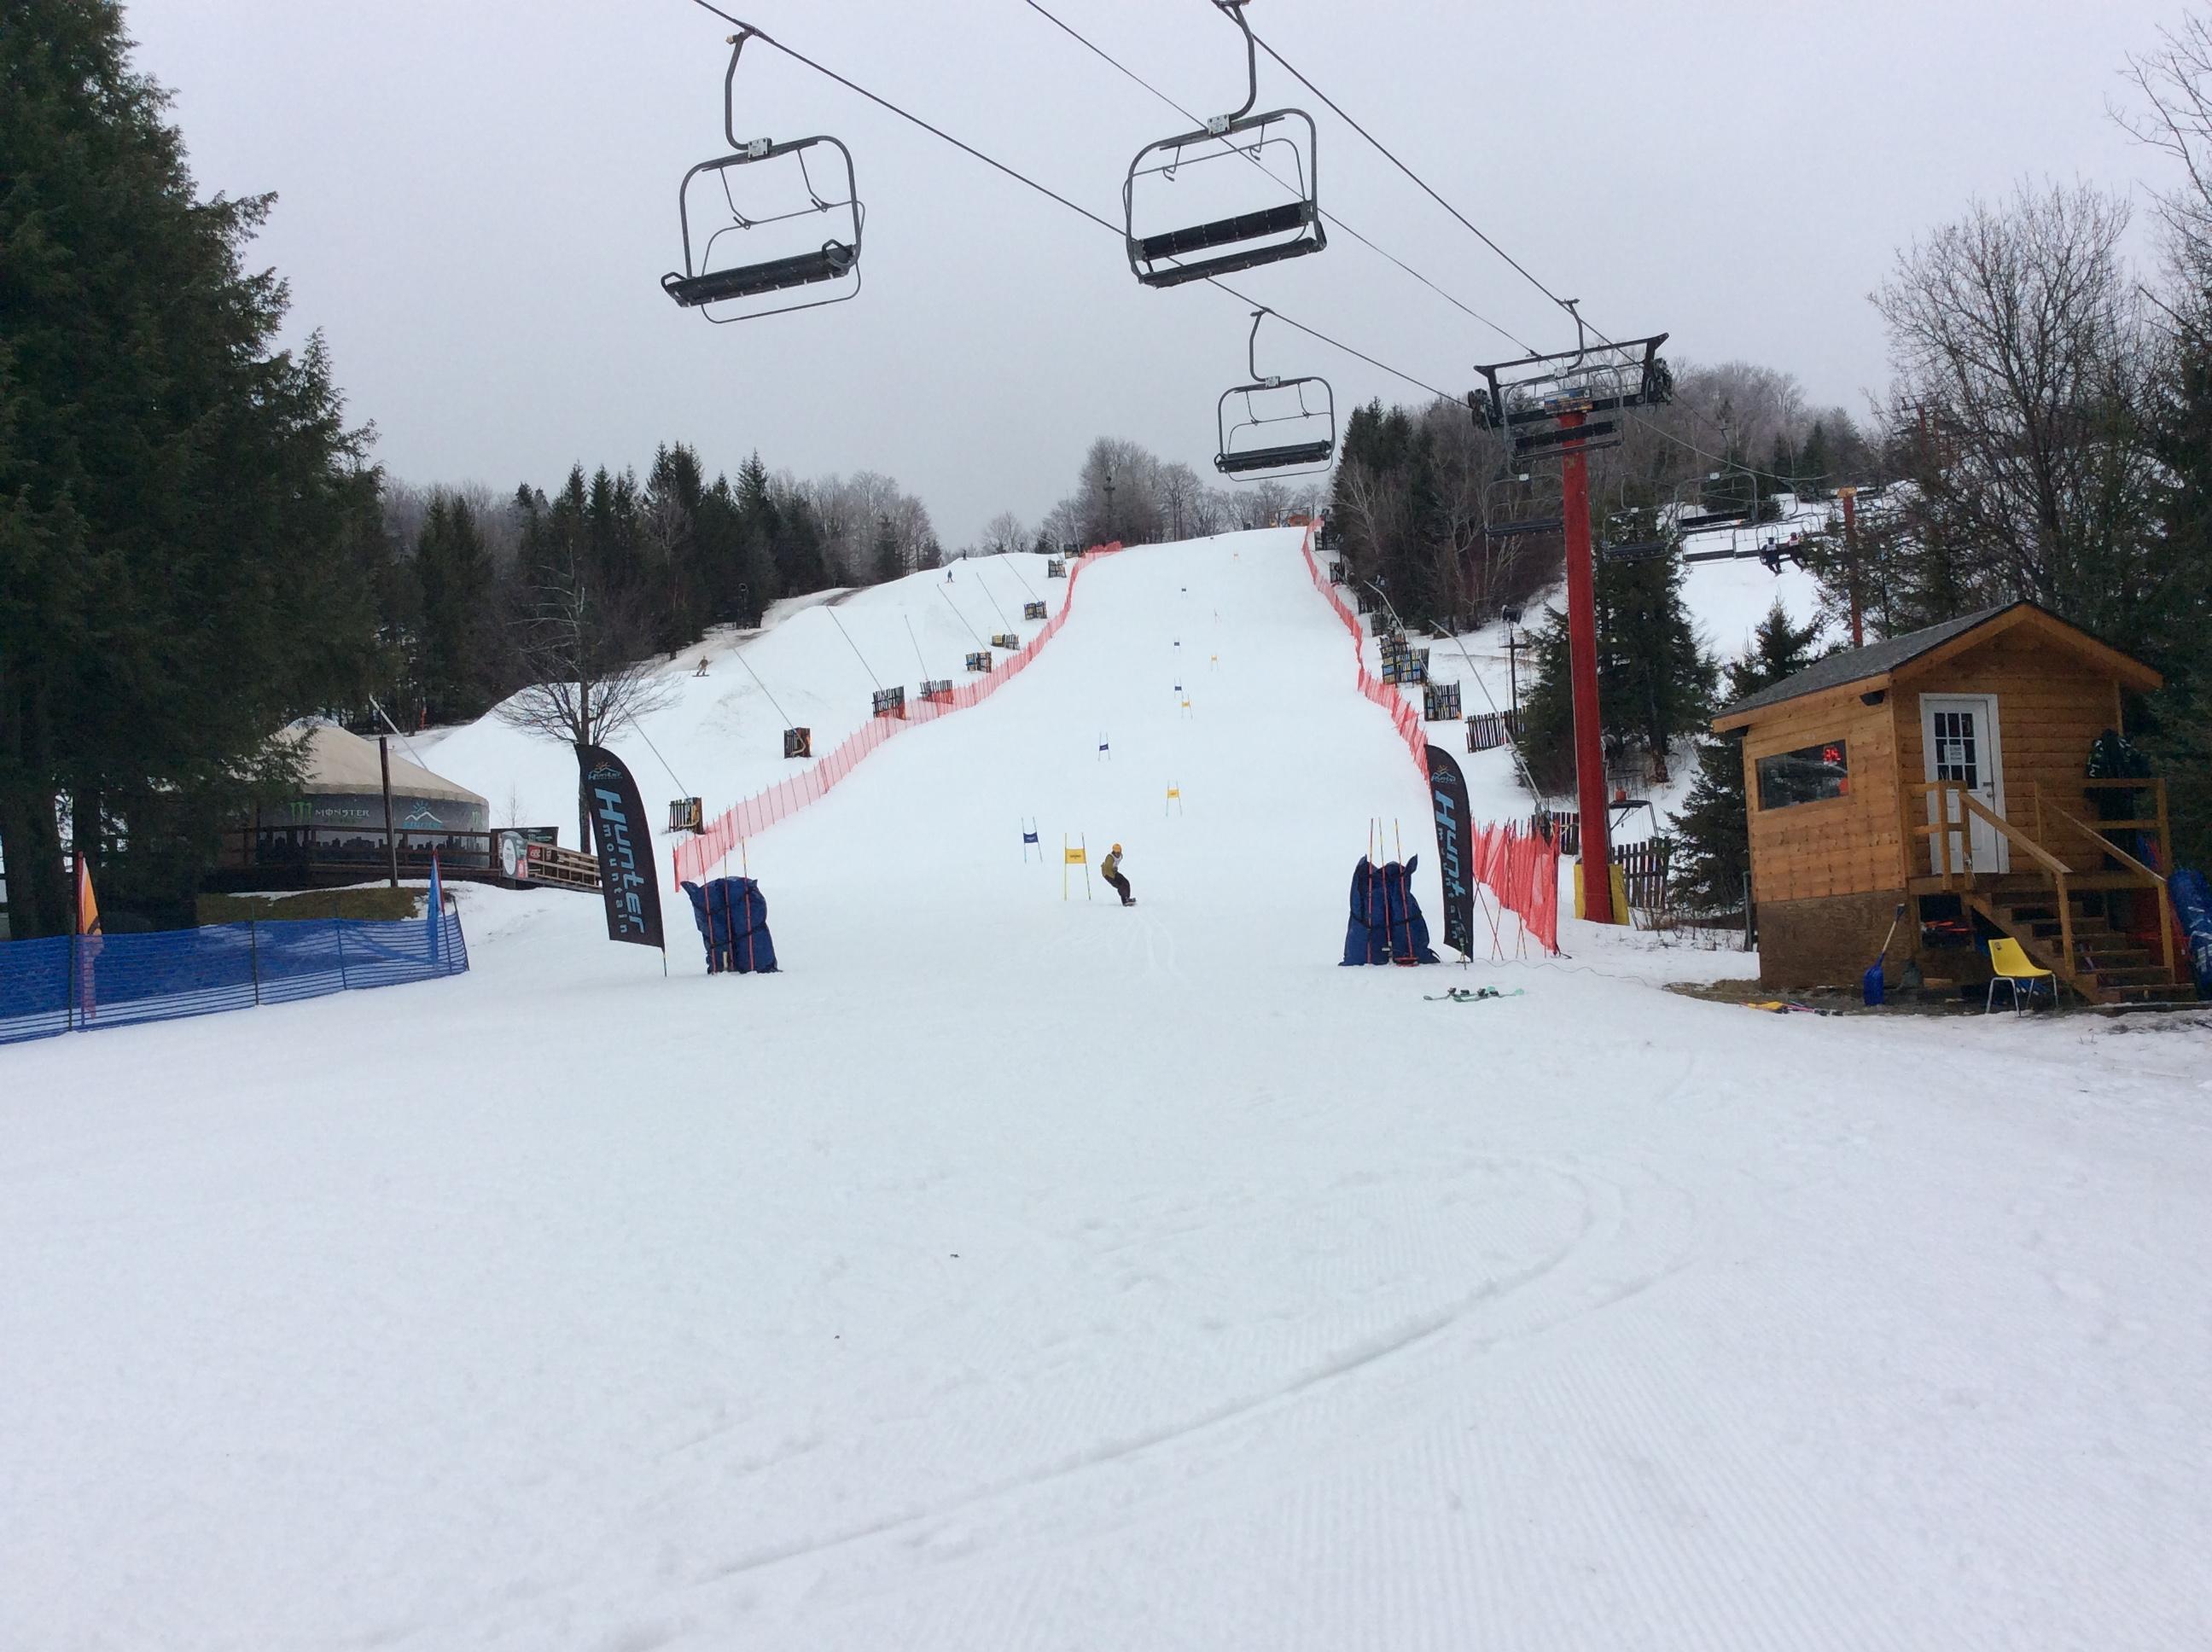 nypd-ski-club_31585159583_o